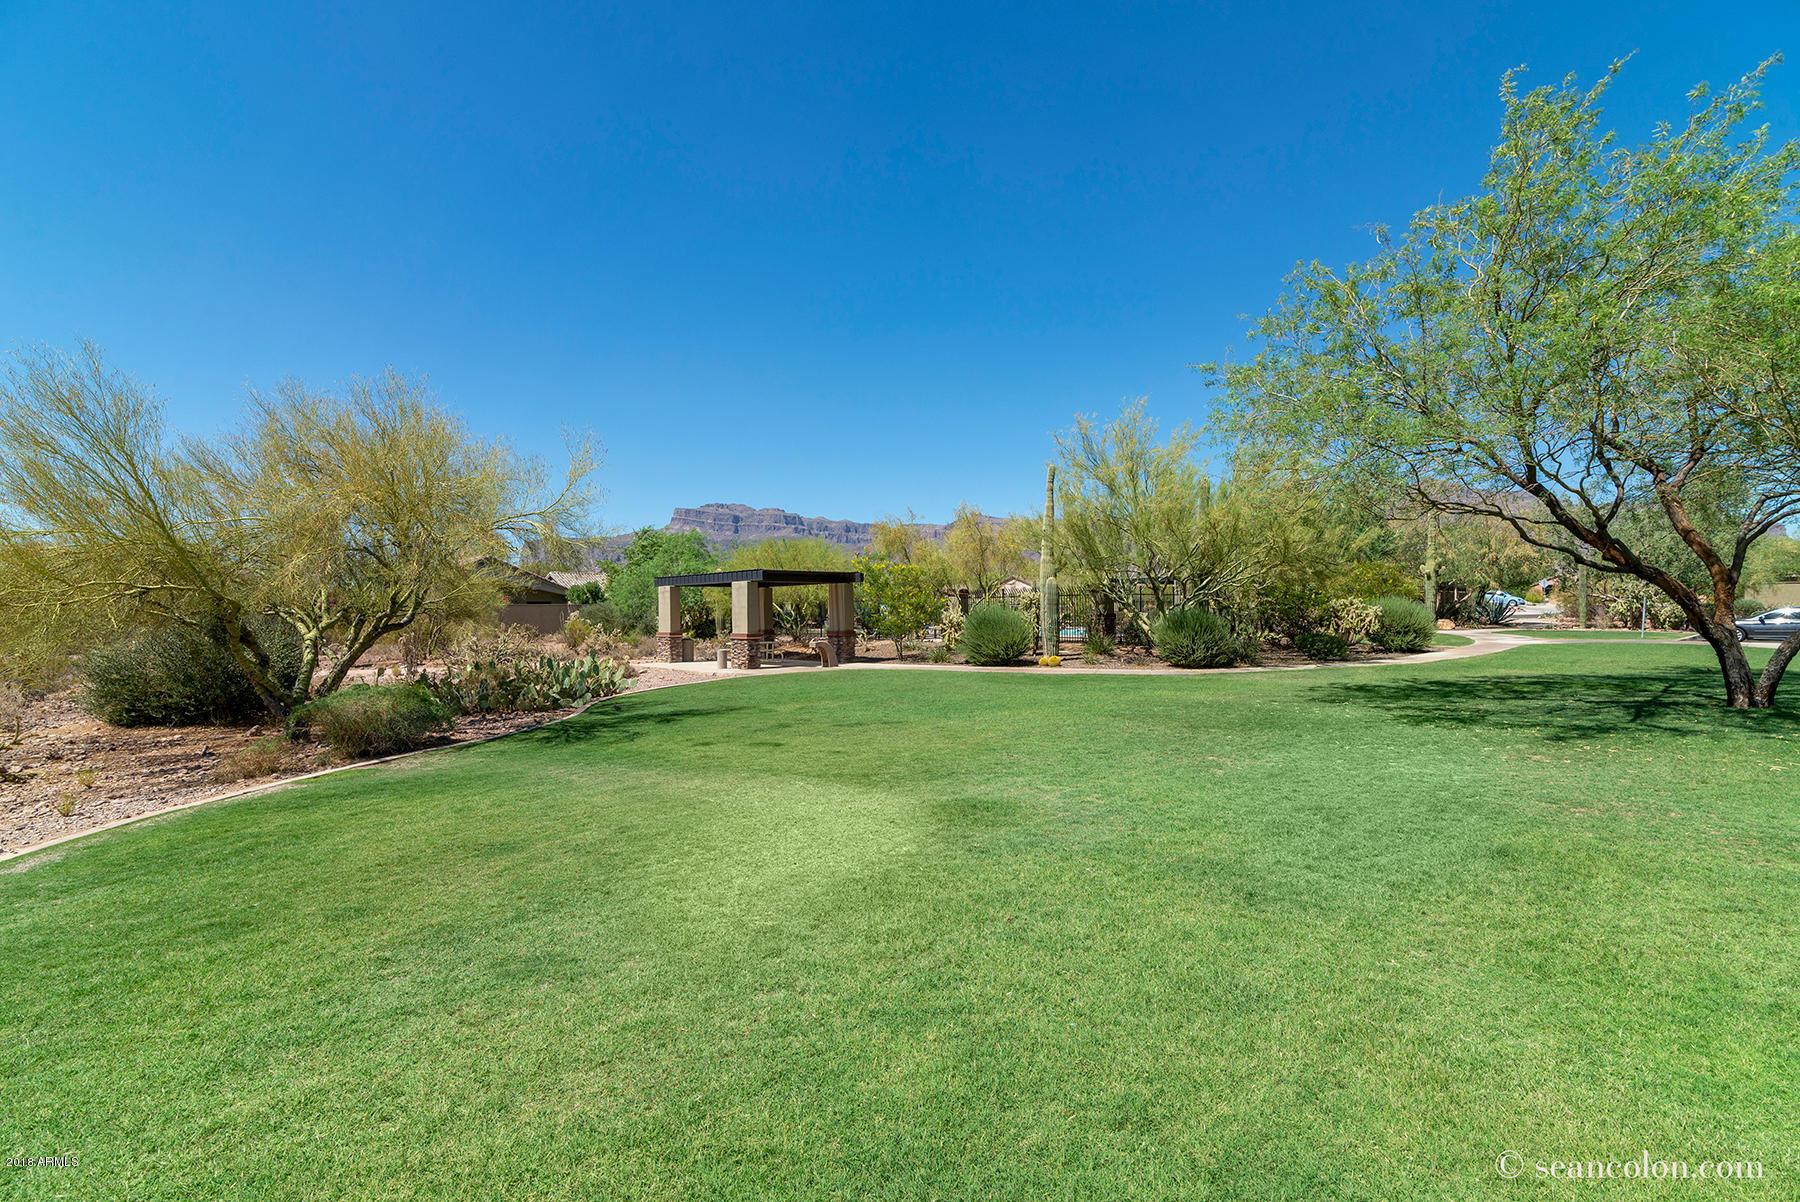 MLS 5853513 4391 S PRIMROSE Drive, Gold Canyon, AZ 85118 Gold Canyon AZ Gold Canyon Ranch